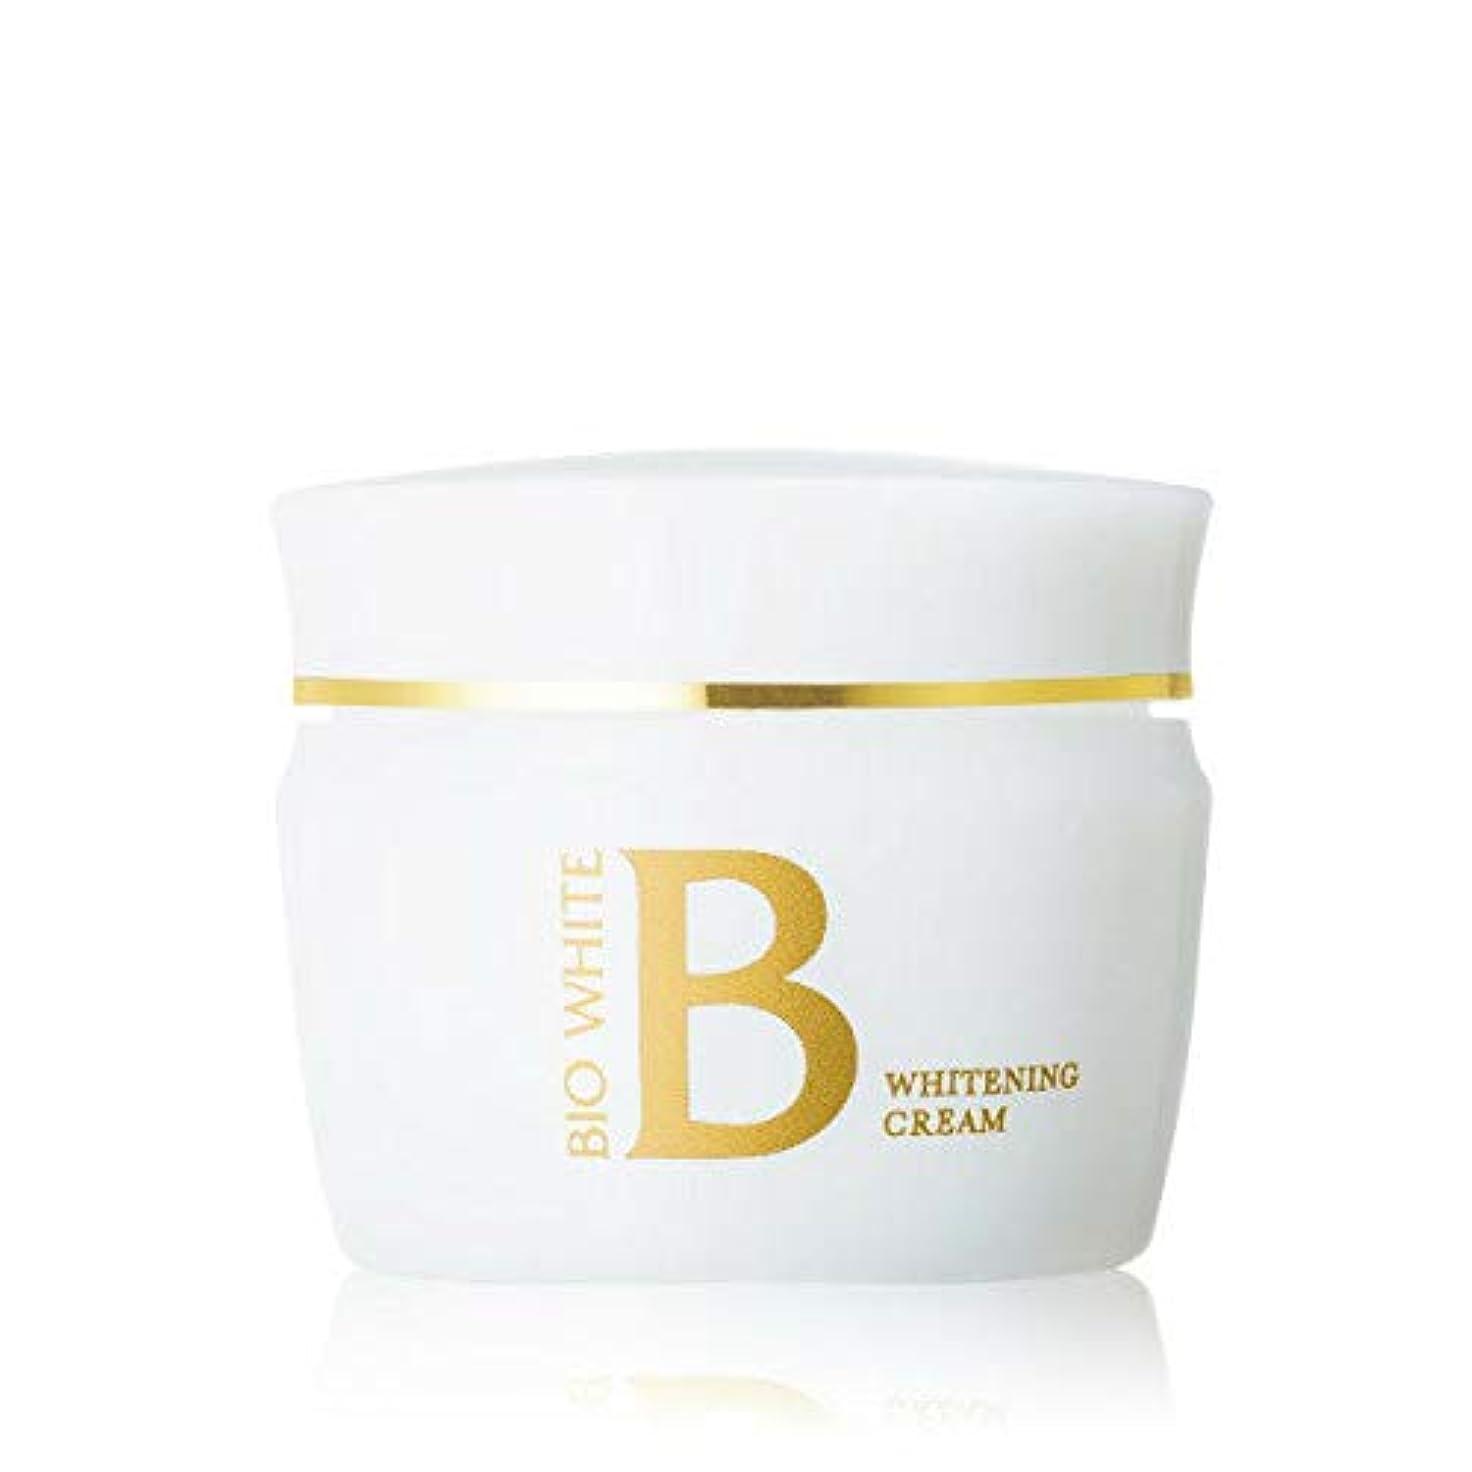 これまでラップトップ笑いエビス化粧品(EBiS) エビス ビーホワイトクリーム 40g 美白クリーム トラネキサム酸 配合 医薬部外品